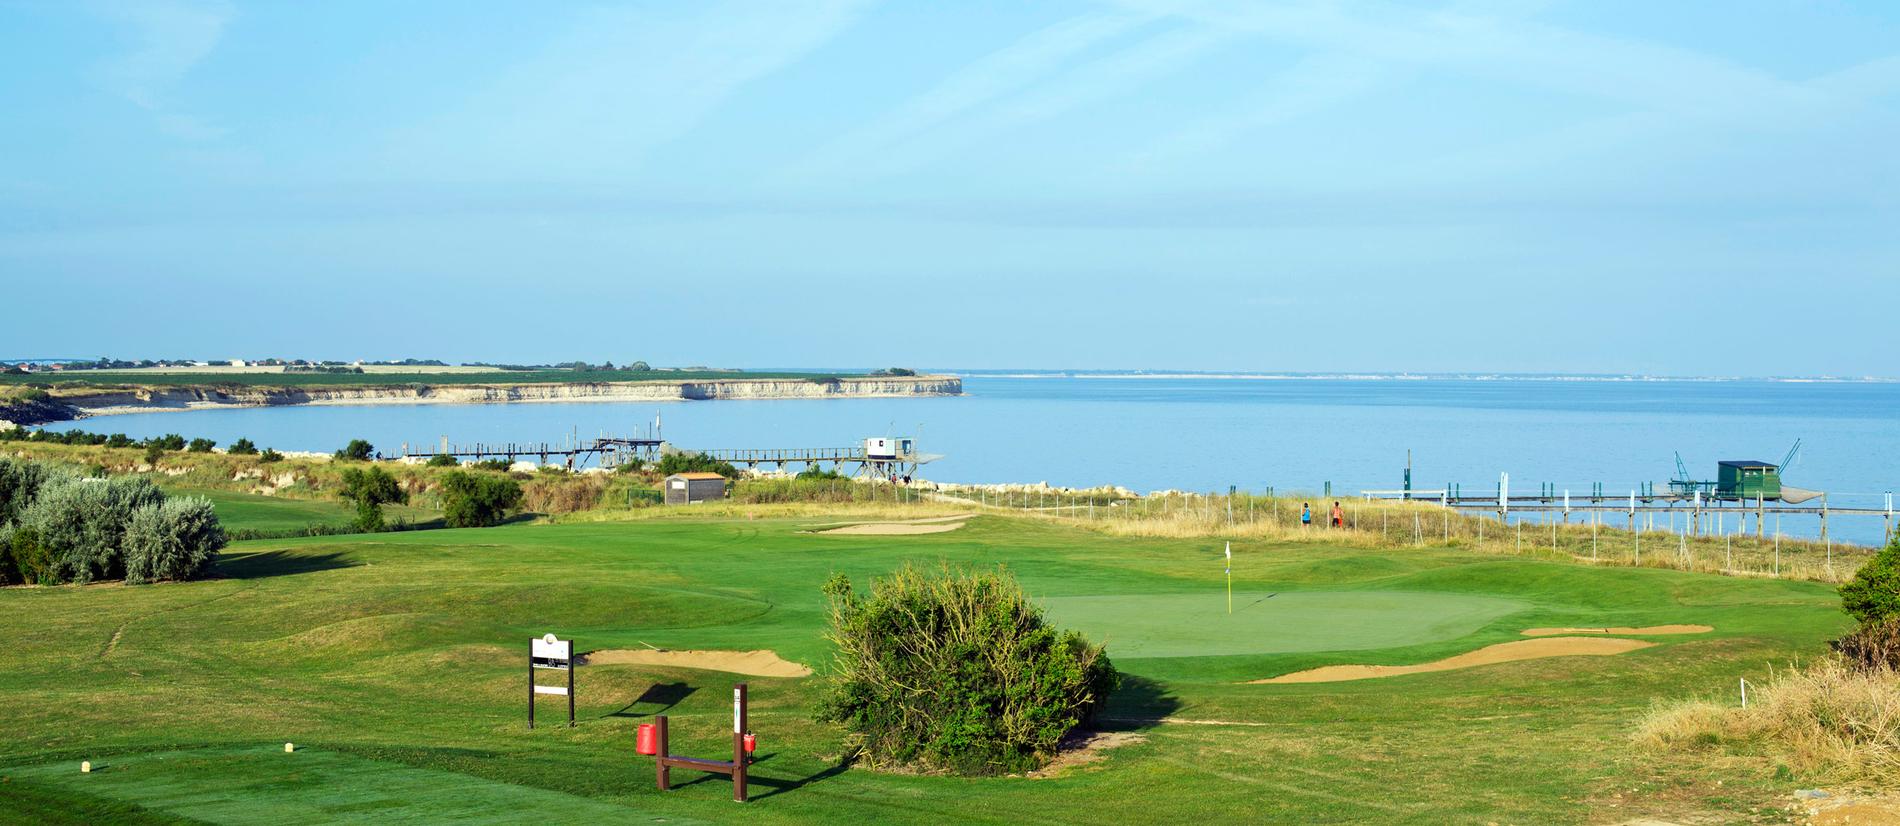 barnes-competition-golf-de-la-pree-la-rochelle-august-31-2019